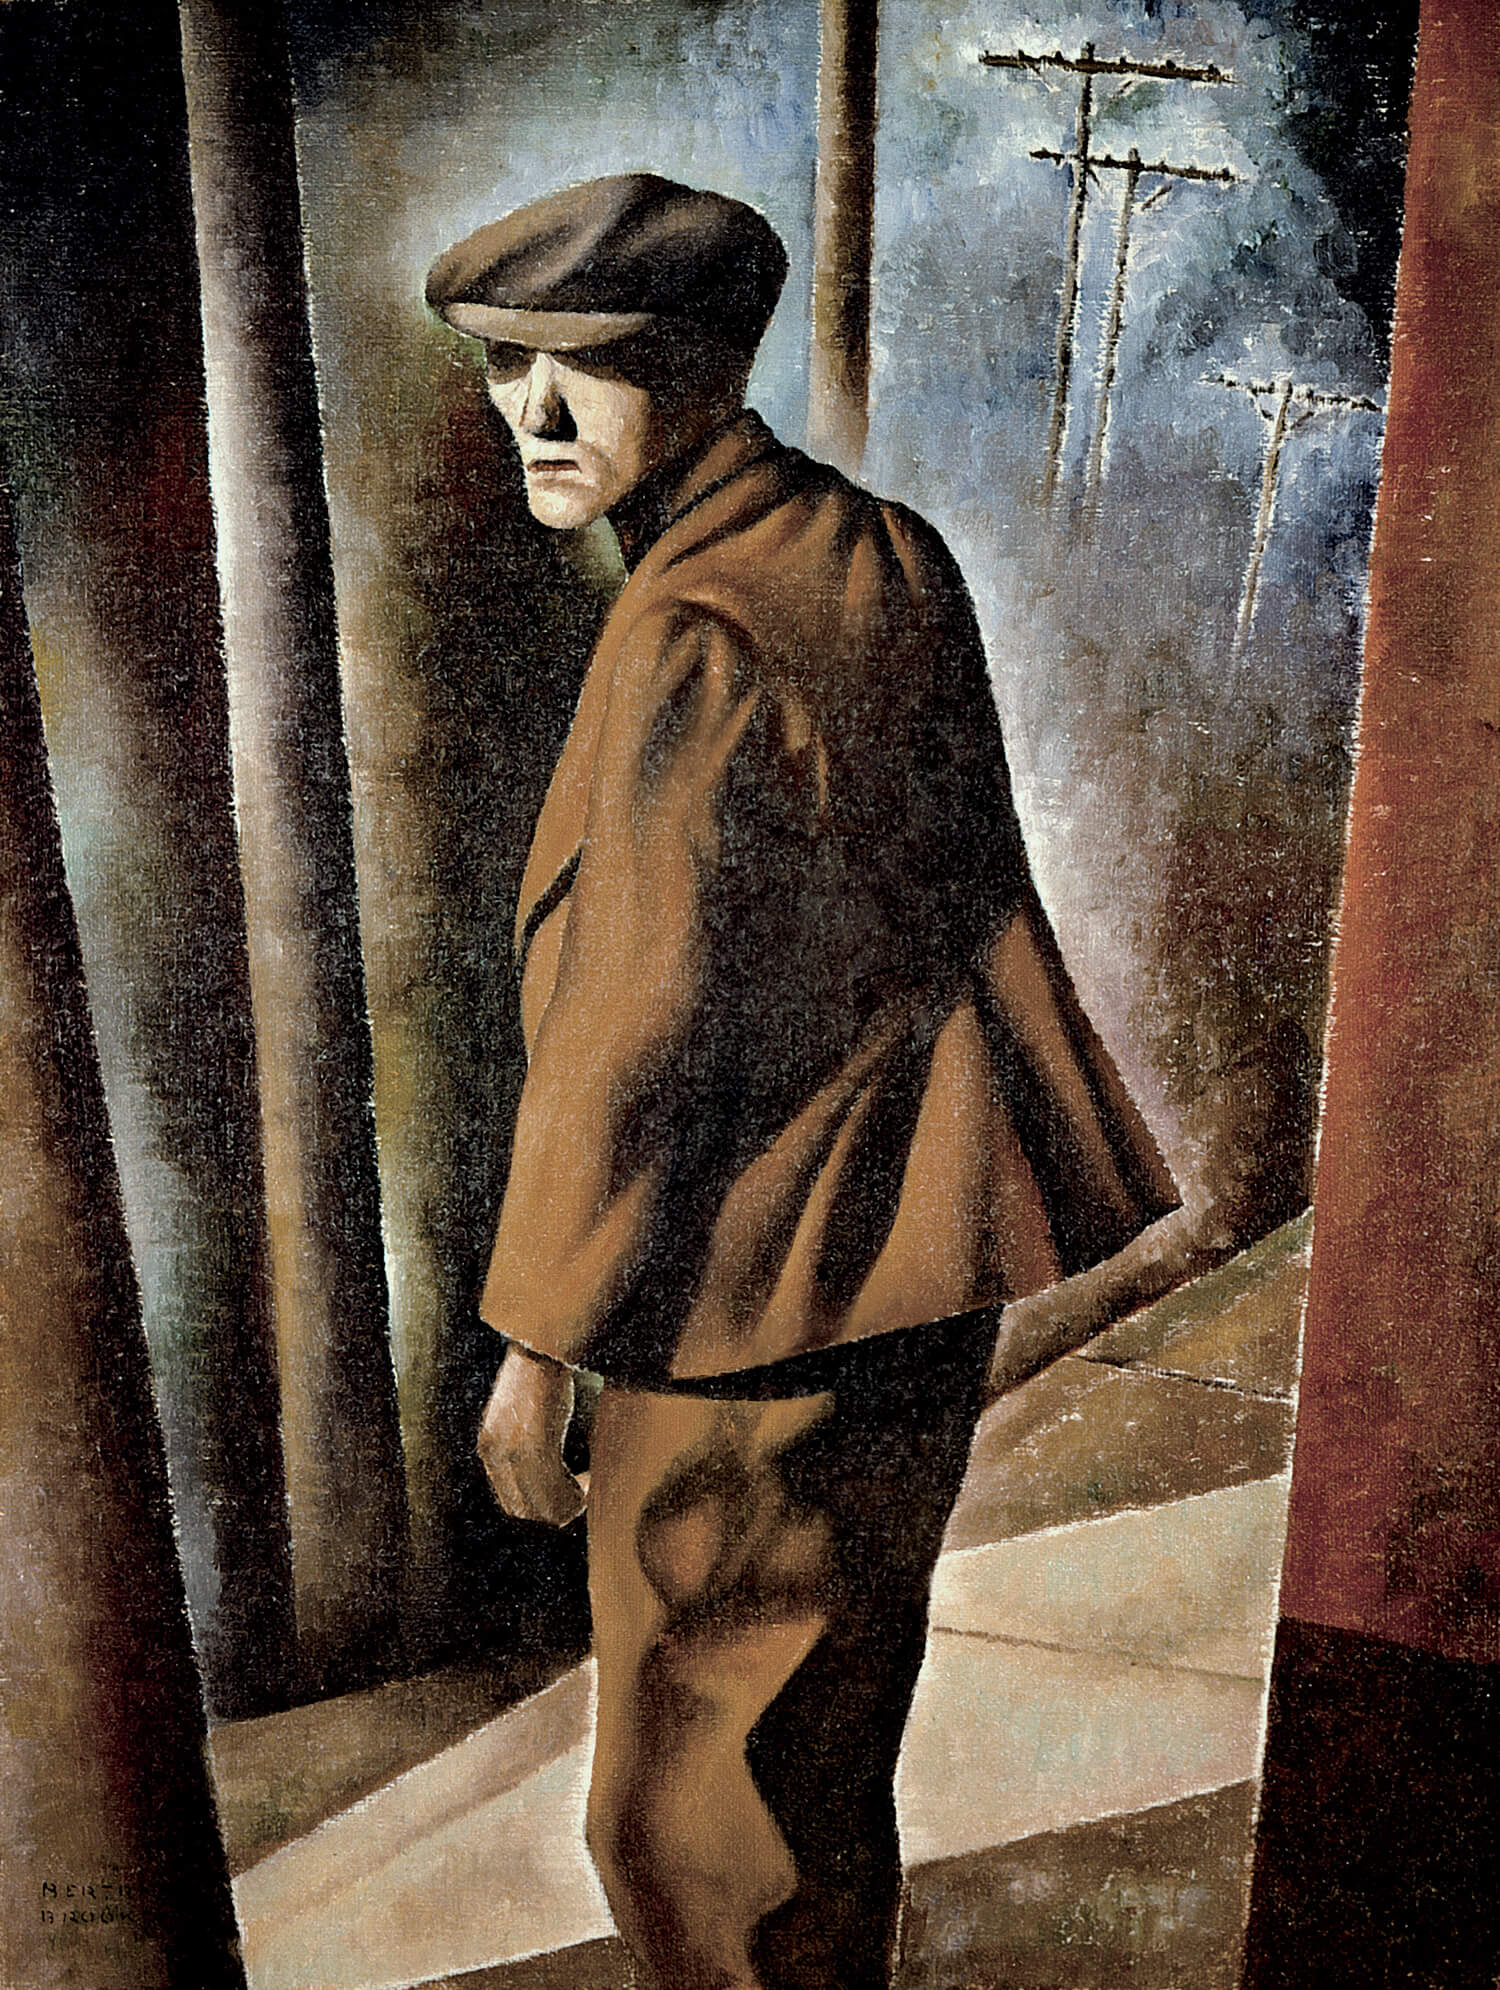 Bertram Brooker, The Recluse, 1939